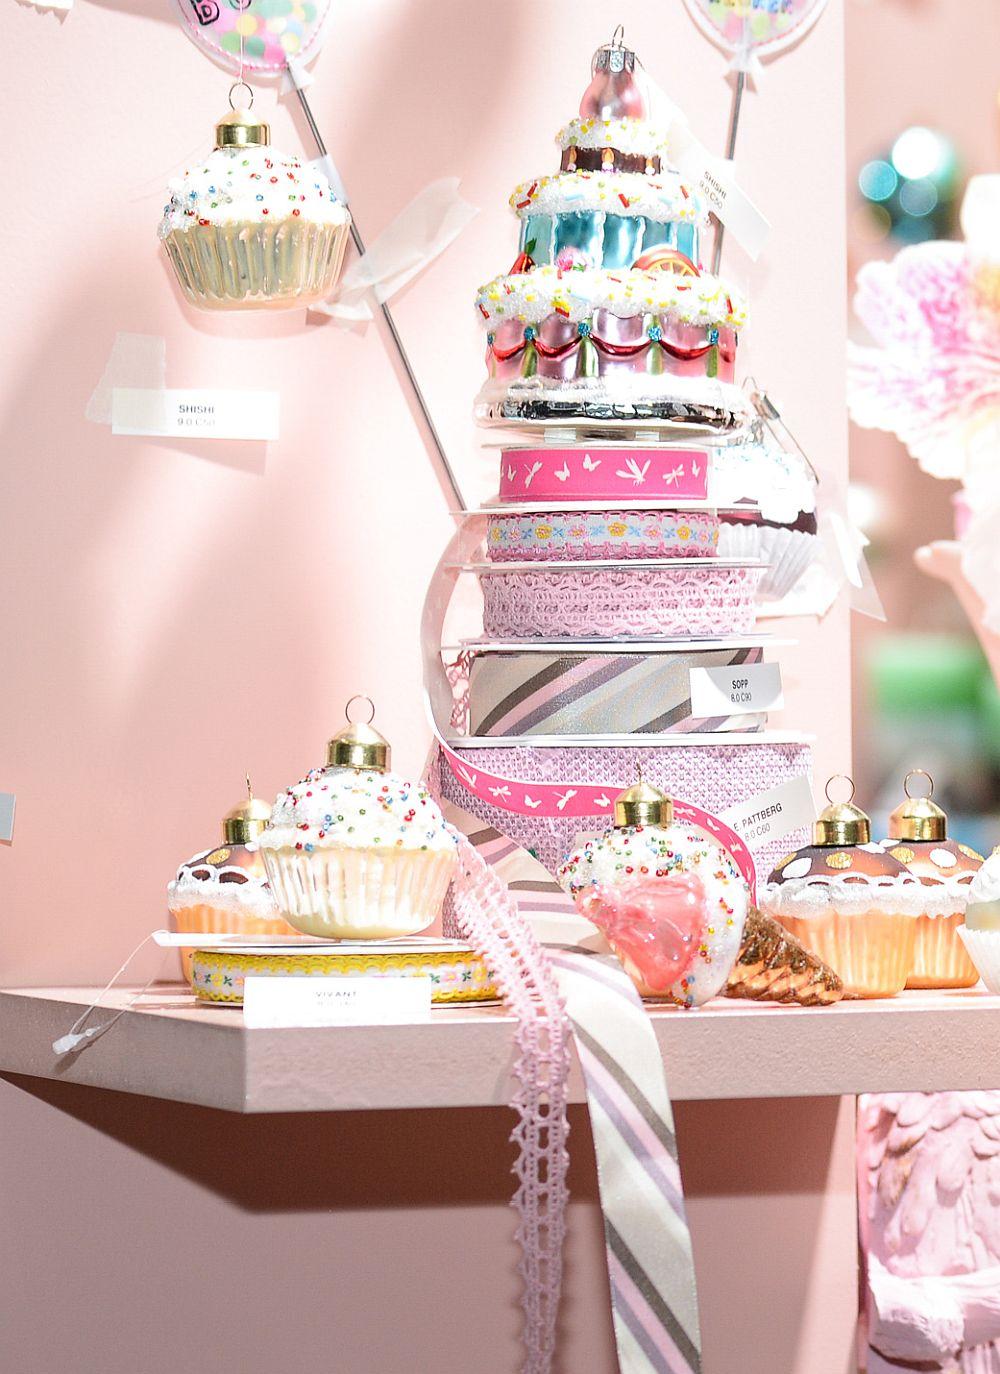 Unde s emai întâlnesc multe nuanțe pastelate? În lumea cofetăriei, desigur. Iată de ce în trendul alăturări eclectice se regăsesc și decorațiunile inspirate de dulciuri.